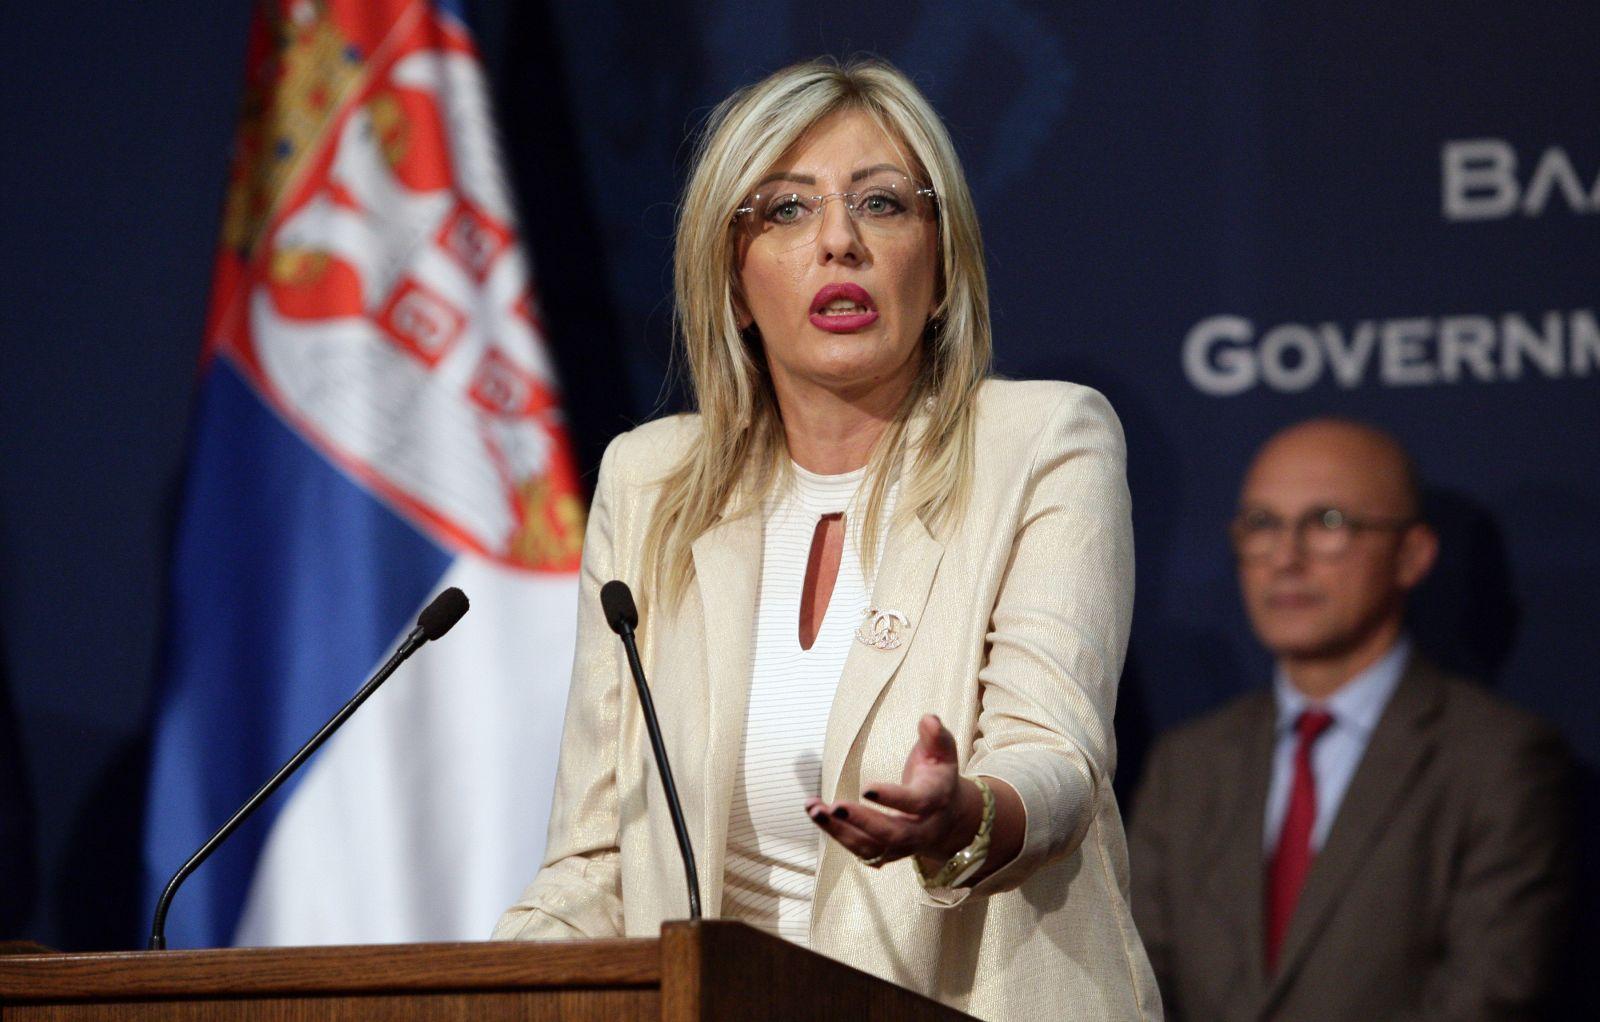 Ј. Јоксимовић: Улагање у инфраструктуру никада није погрешно утрошен новац